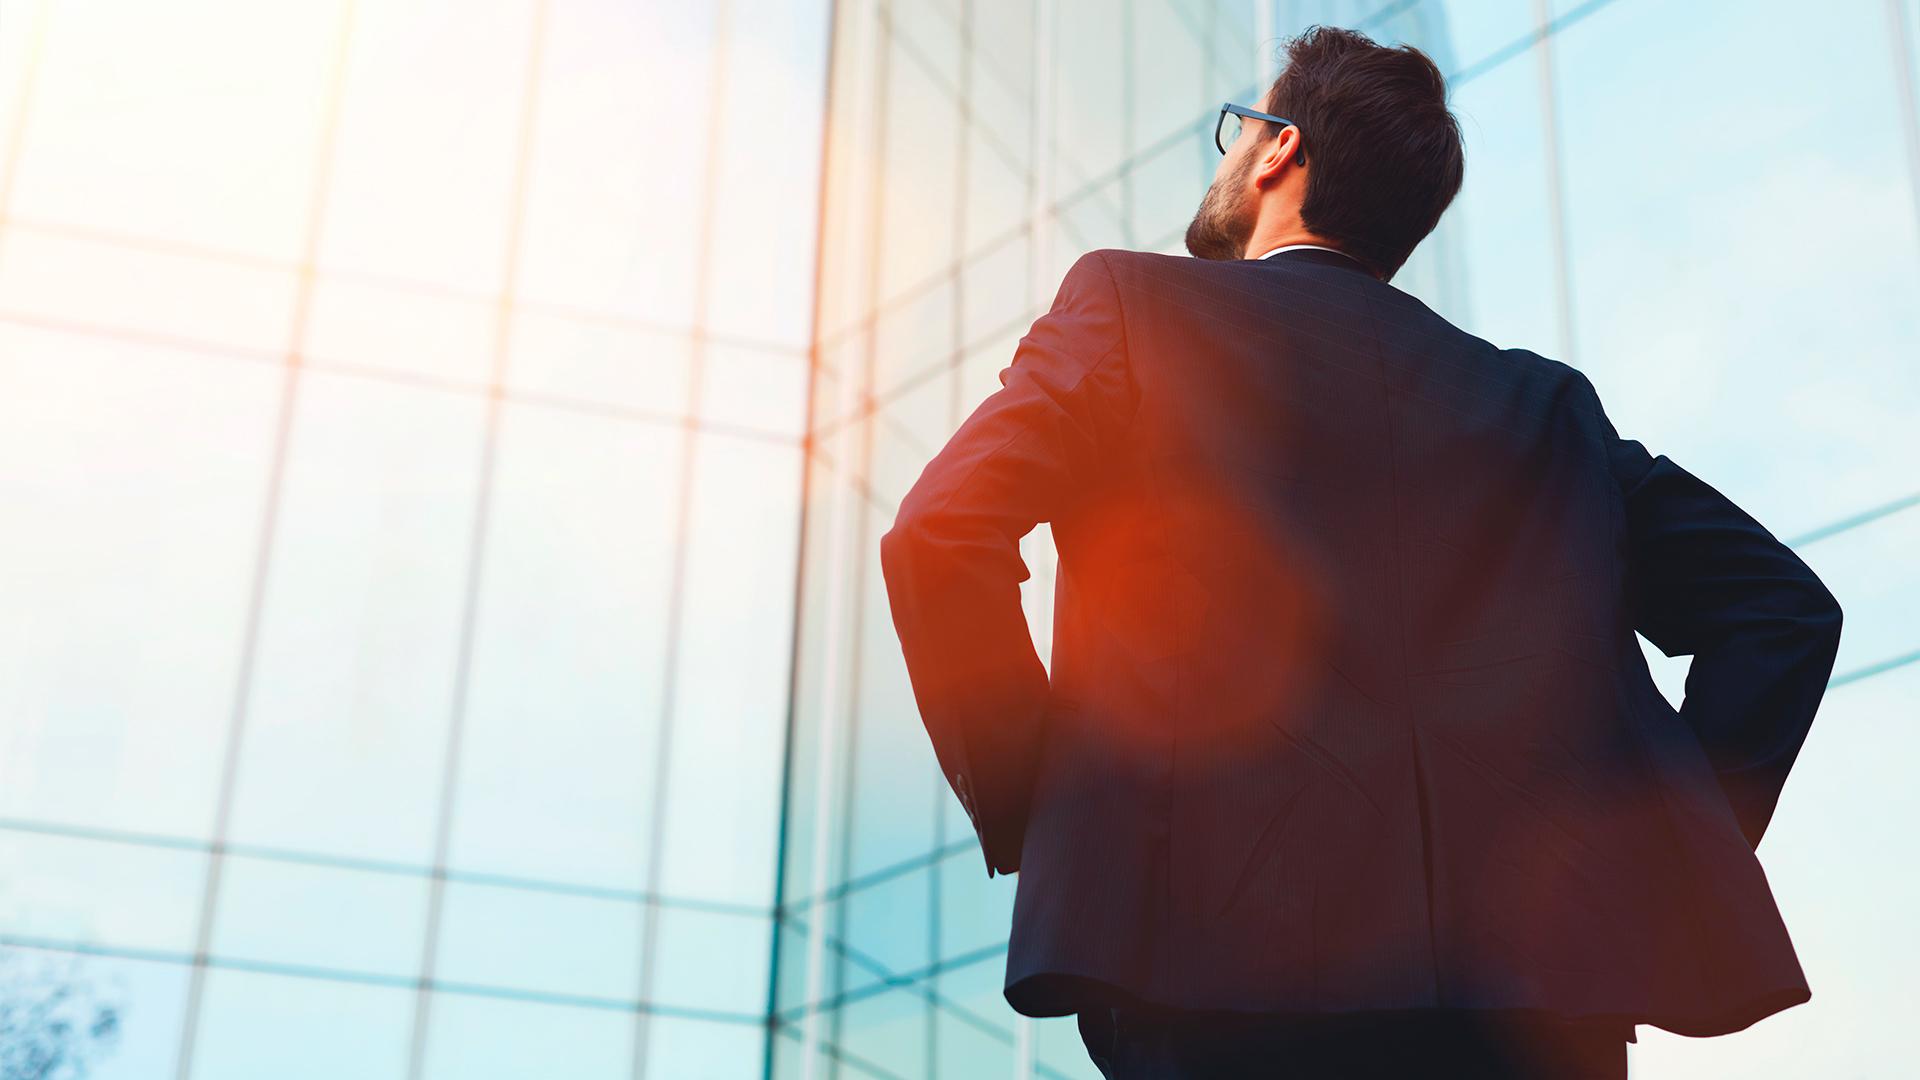 Para garantir o crescimento saudável da sua empresa conte com serviços contábeis de confiança